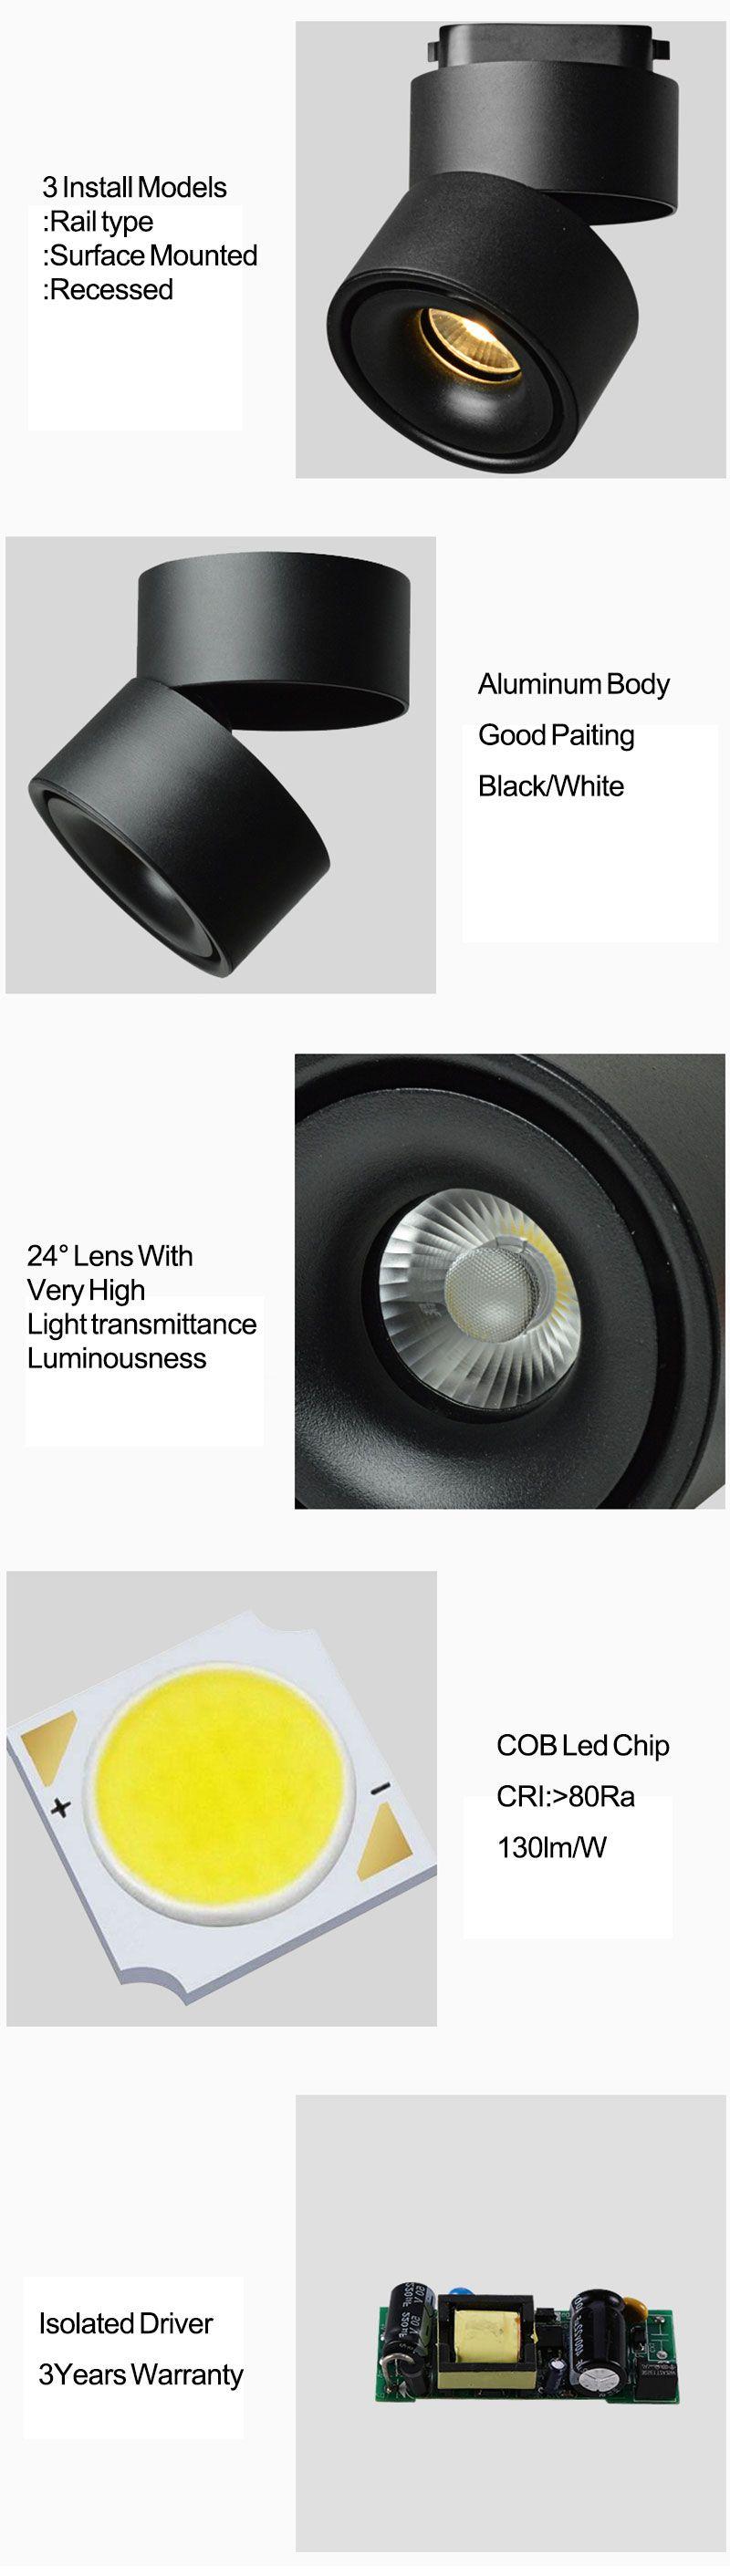 COB 20W 30W 40W Luz de riel de aluminio Carril de techo Iluminación de riel Spot Spot Focos Reemplazar lámparas halógenas AC220V